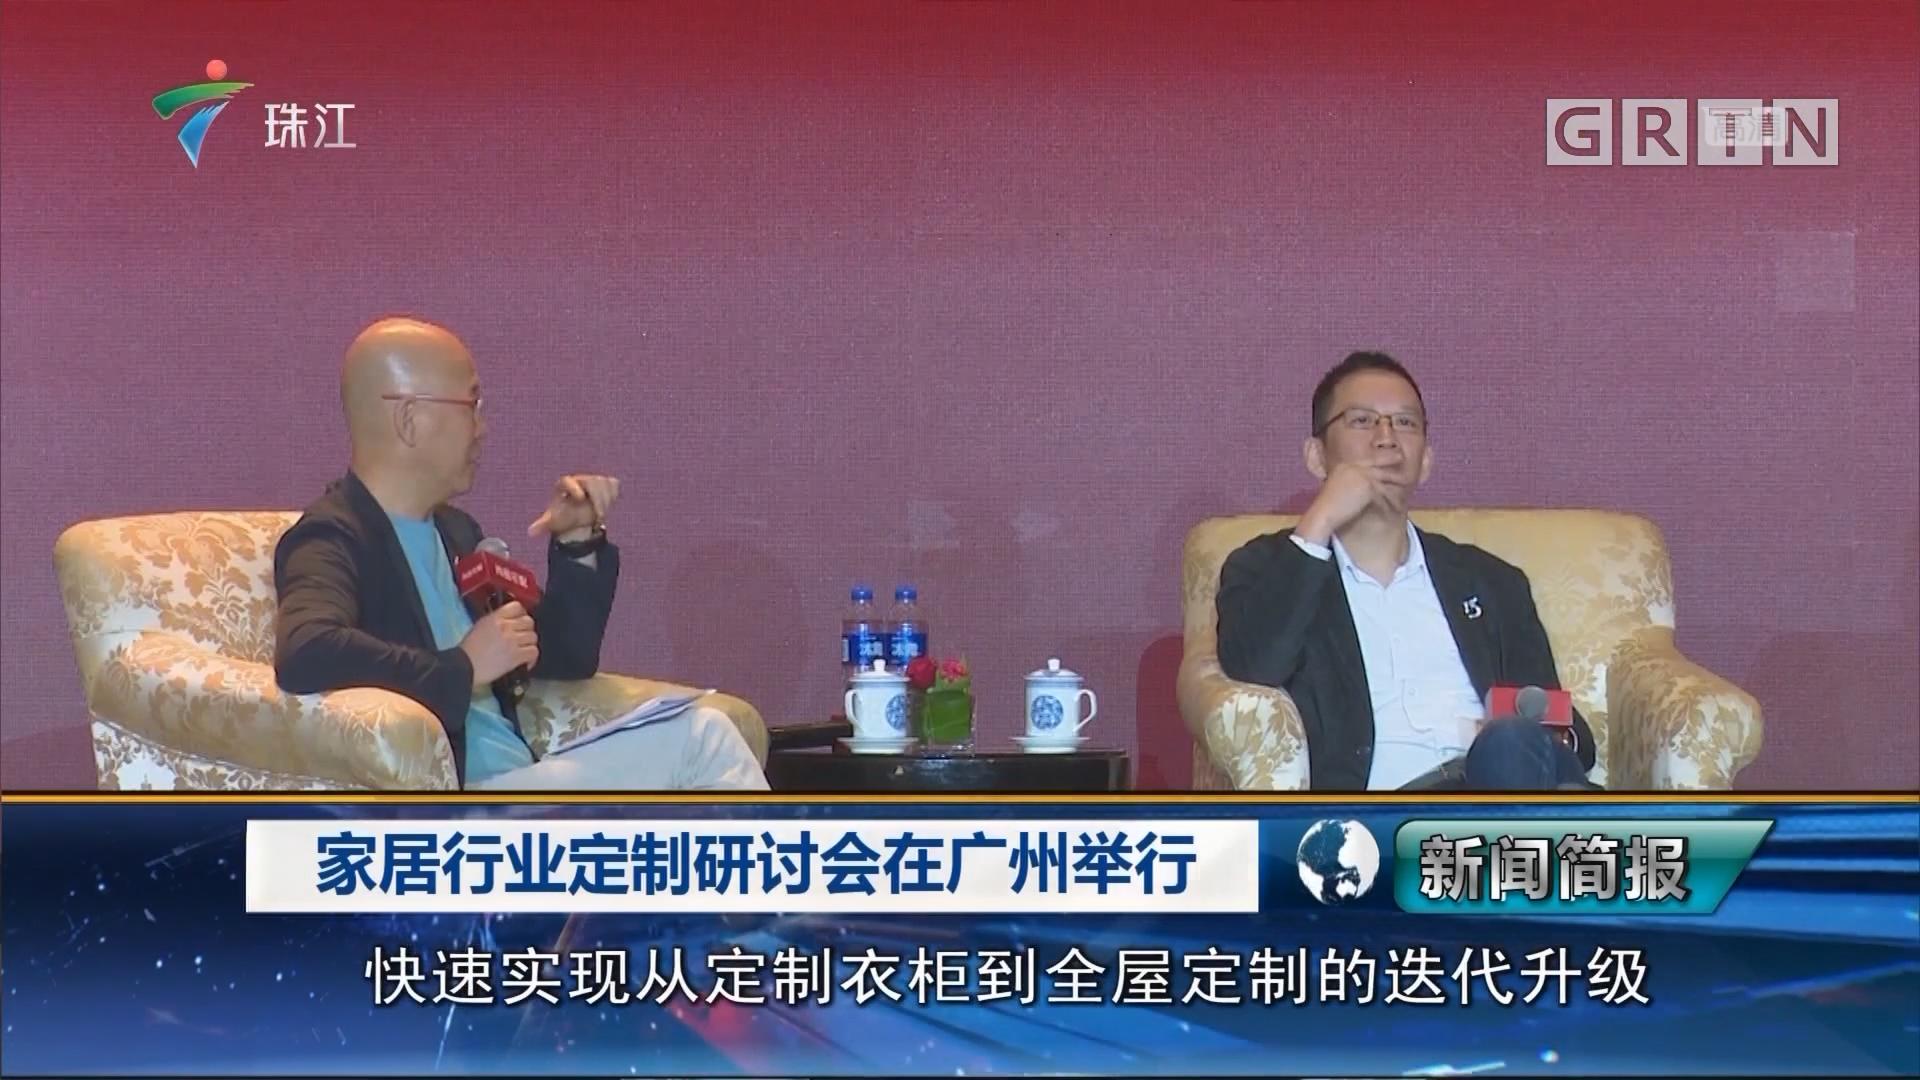 家居行业定制研讨会在广州举行